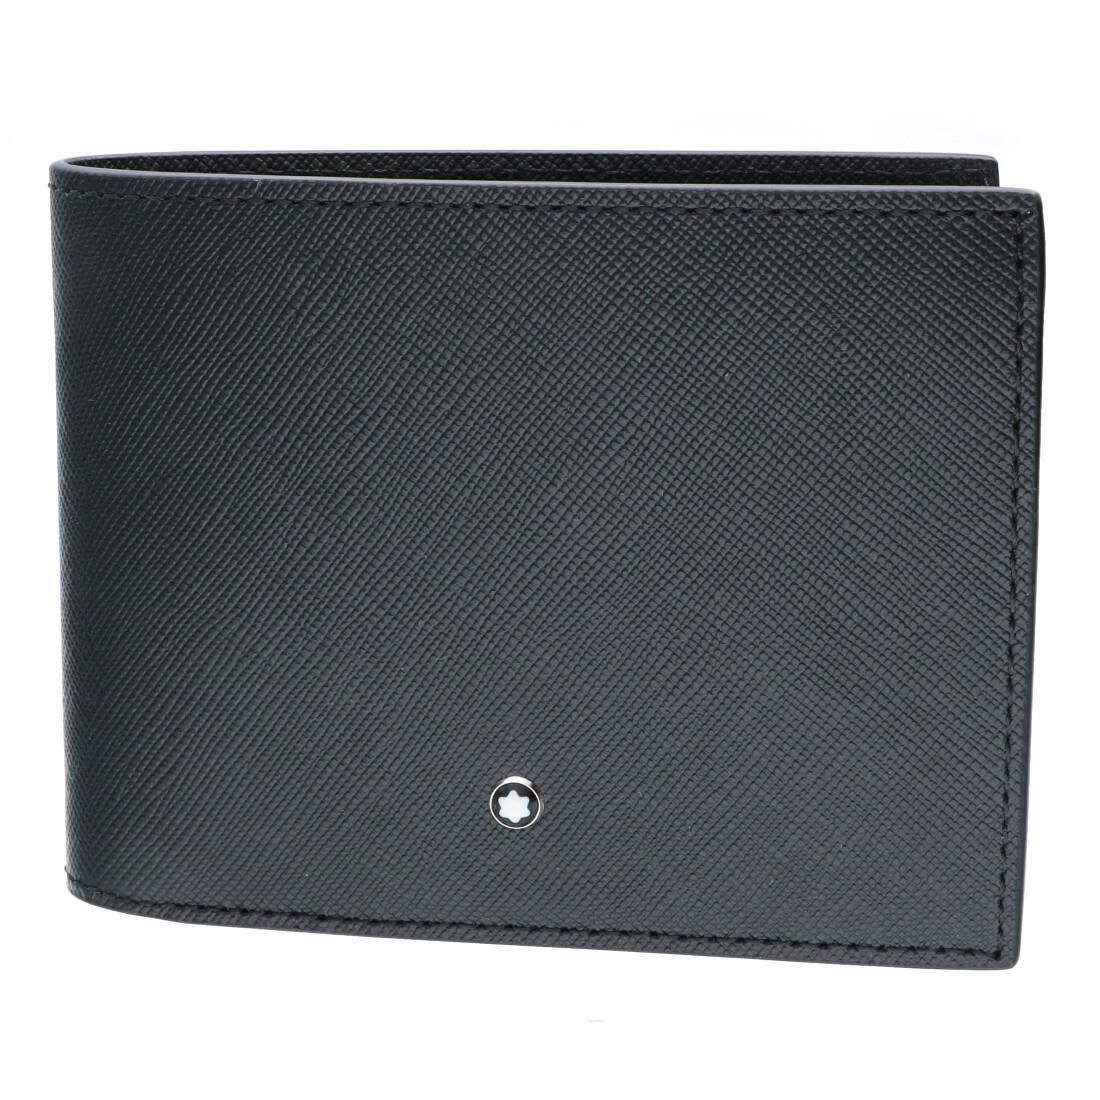 Portafoglio 12 scomparti Sartorial, 2 scomparti per banconote, 4 tasche extra in pelle nera - MONTBLANC